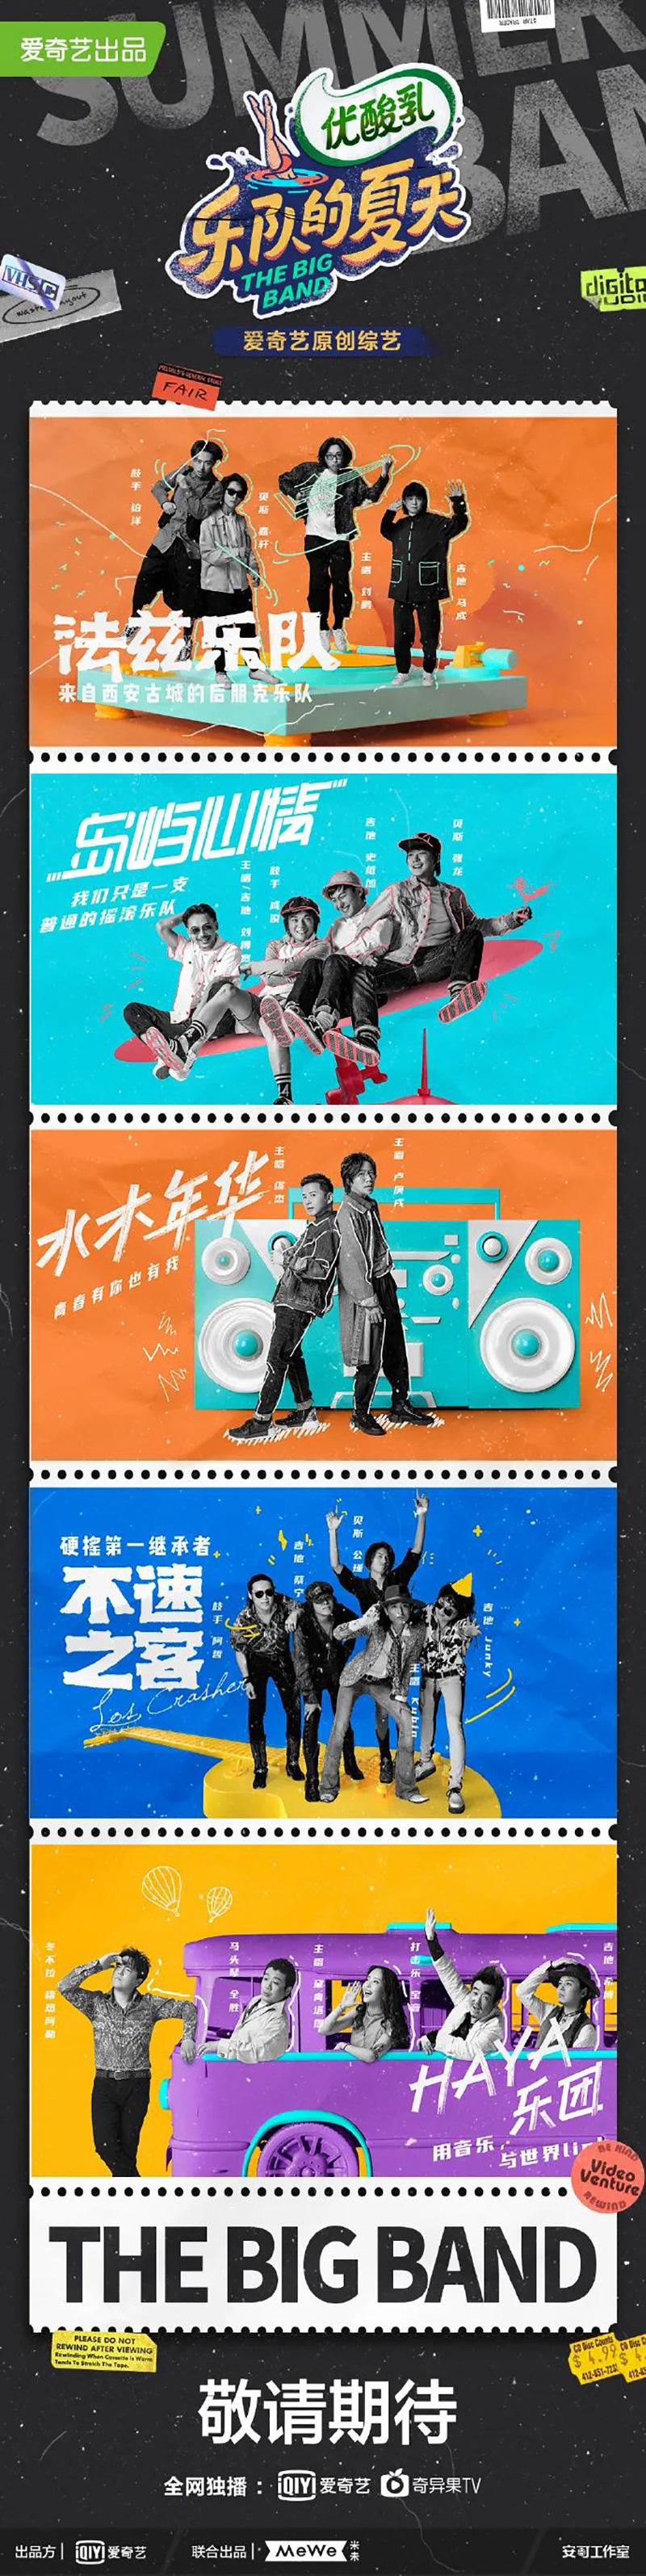 燥起来!《乐队的夏天 第二季》海报设计